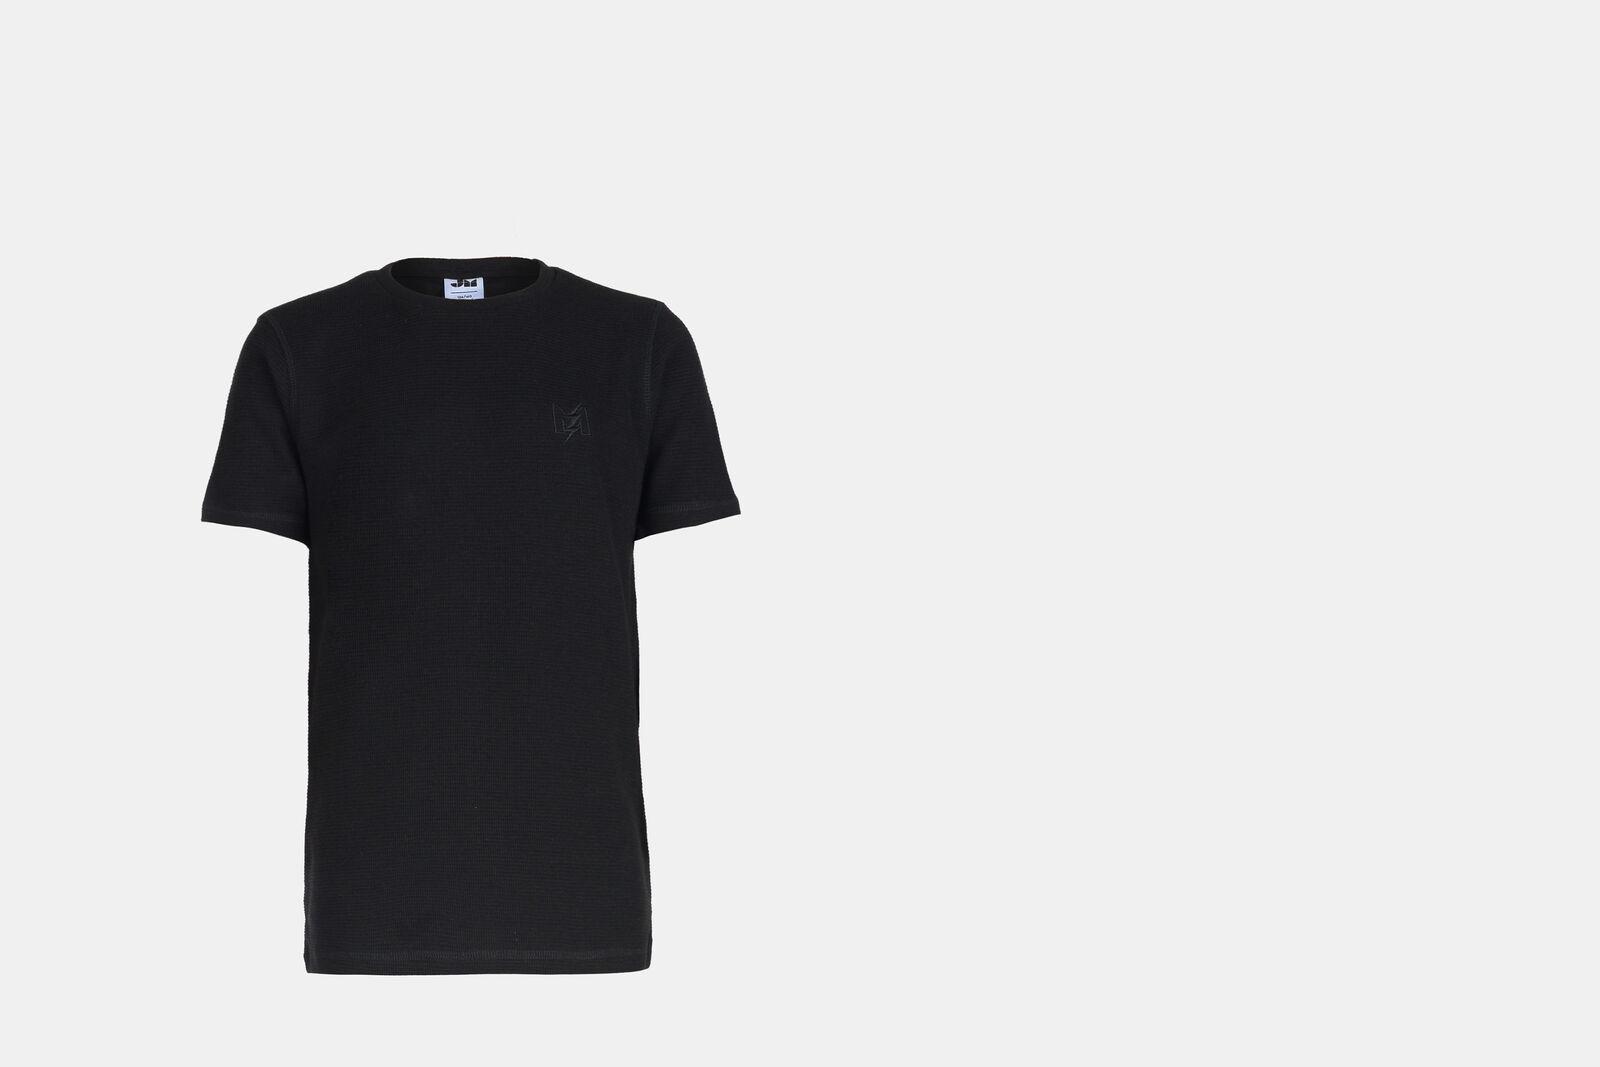 Kas T-shirt